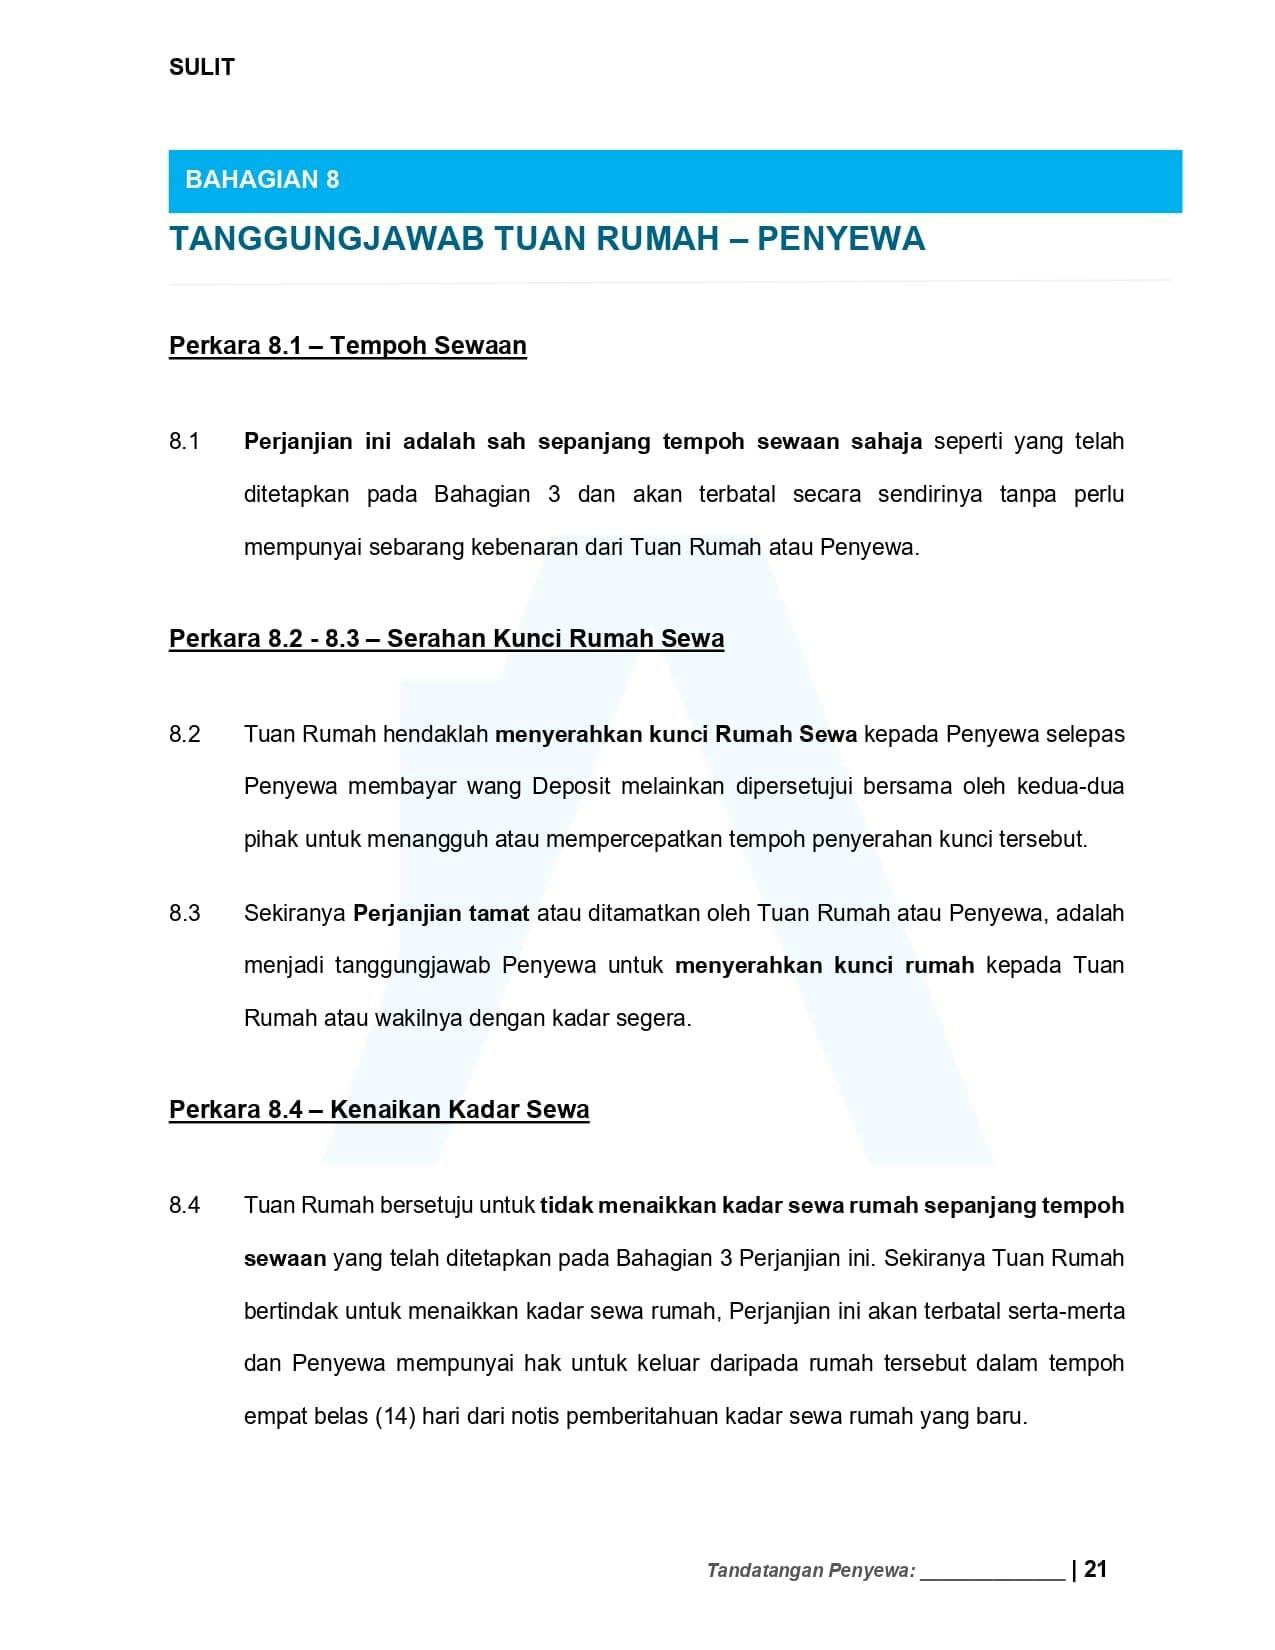 Tanggungjawab  - Contoh Surat Perjanjian Sewa Rumah 2021 | Tenancy Agreement Malaysia